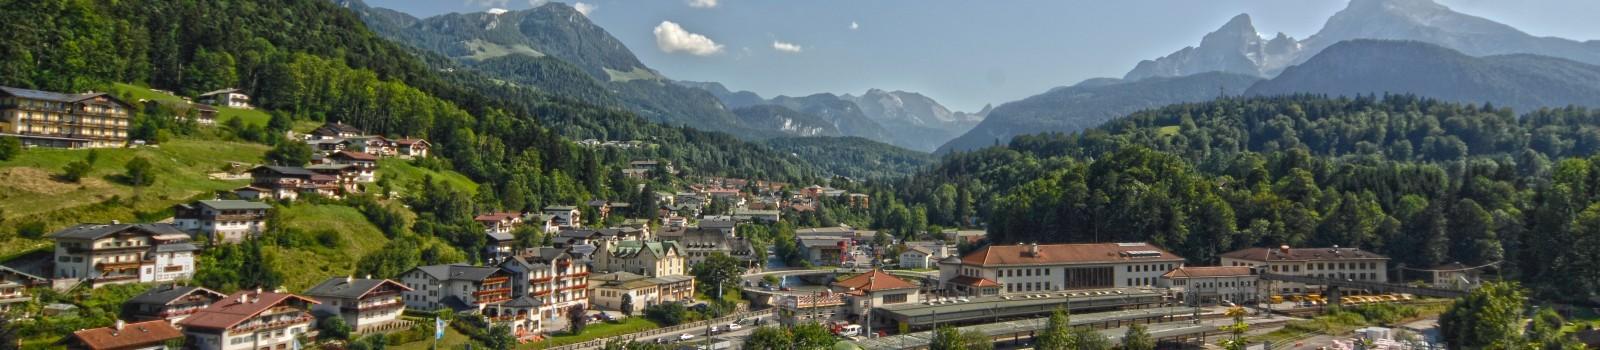 Urlaub Hotel Grünberger in Berchtesgaden